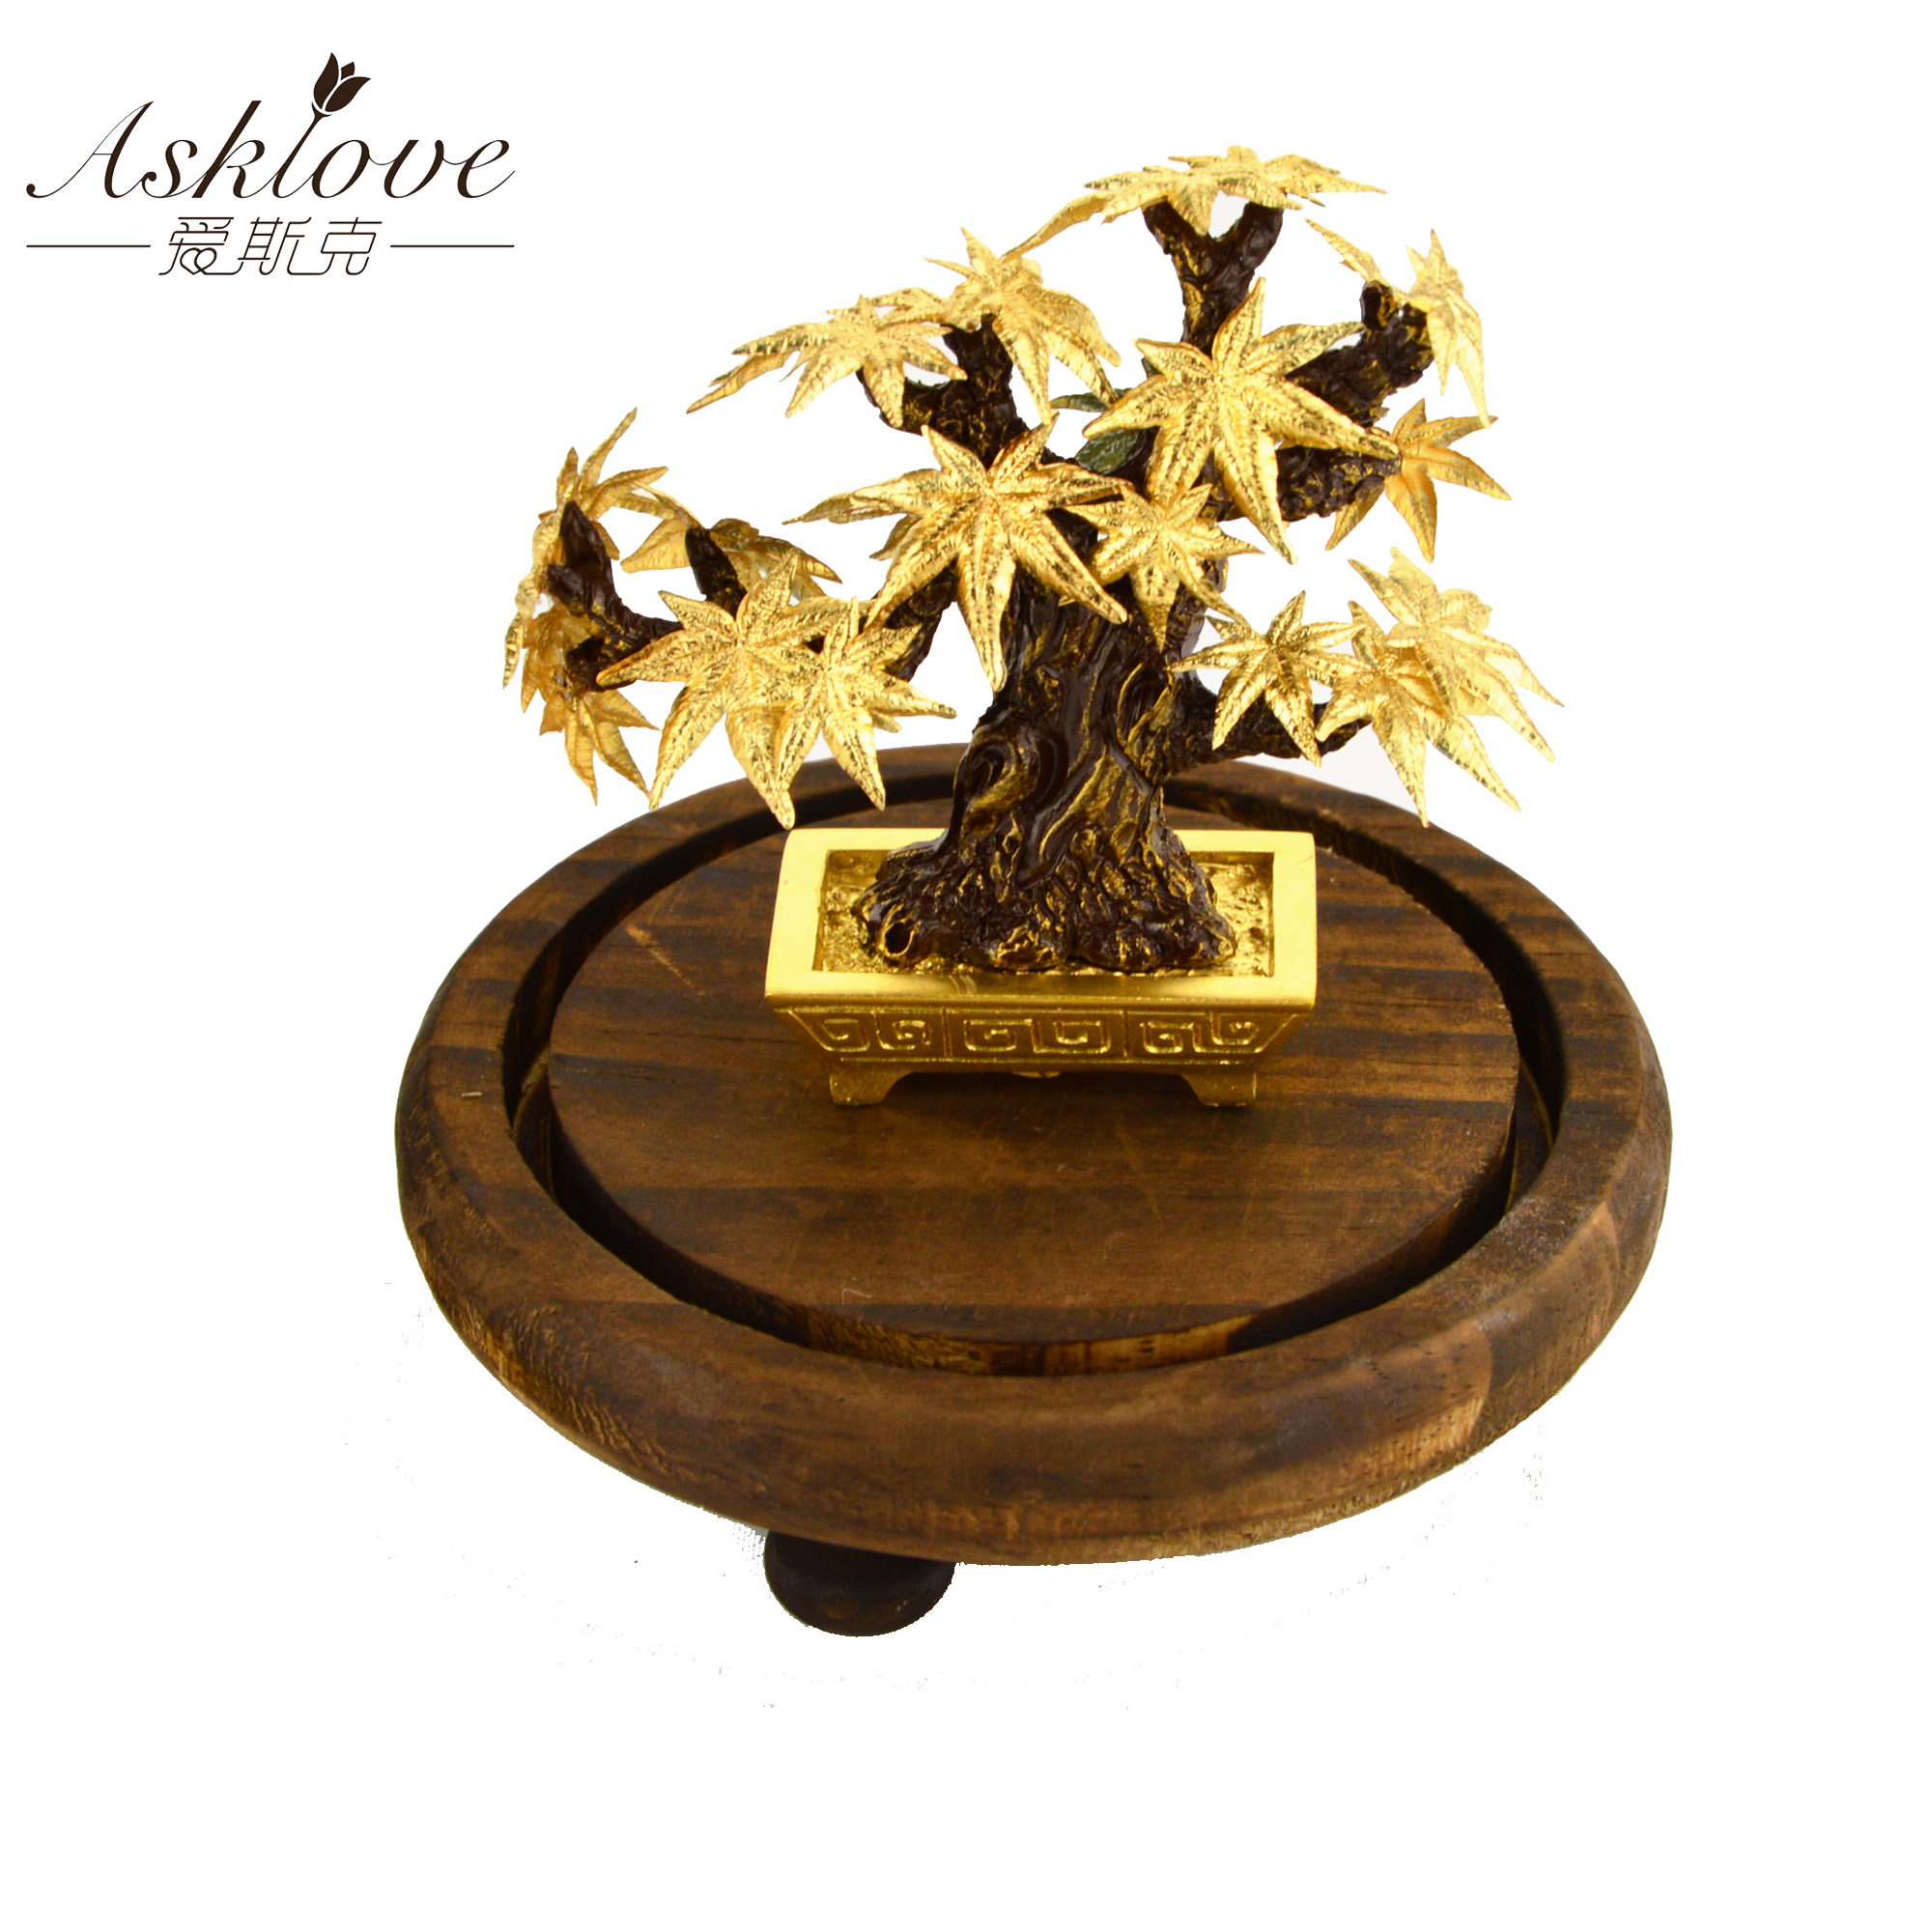 Érable arbre bonsaï Feng shui décor chanceux richesse ornement 24k feuille d'or feuille d'érable bureau décorations de bureau décoration de la maison cadeaux